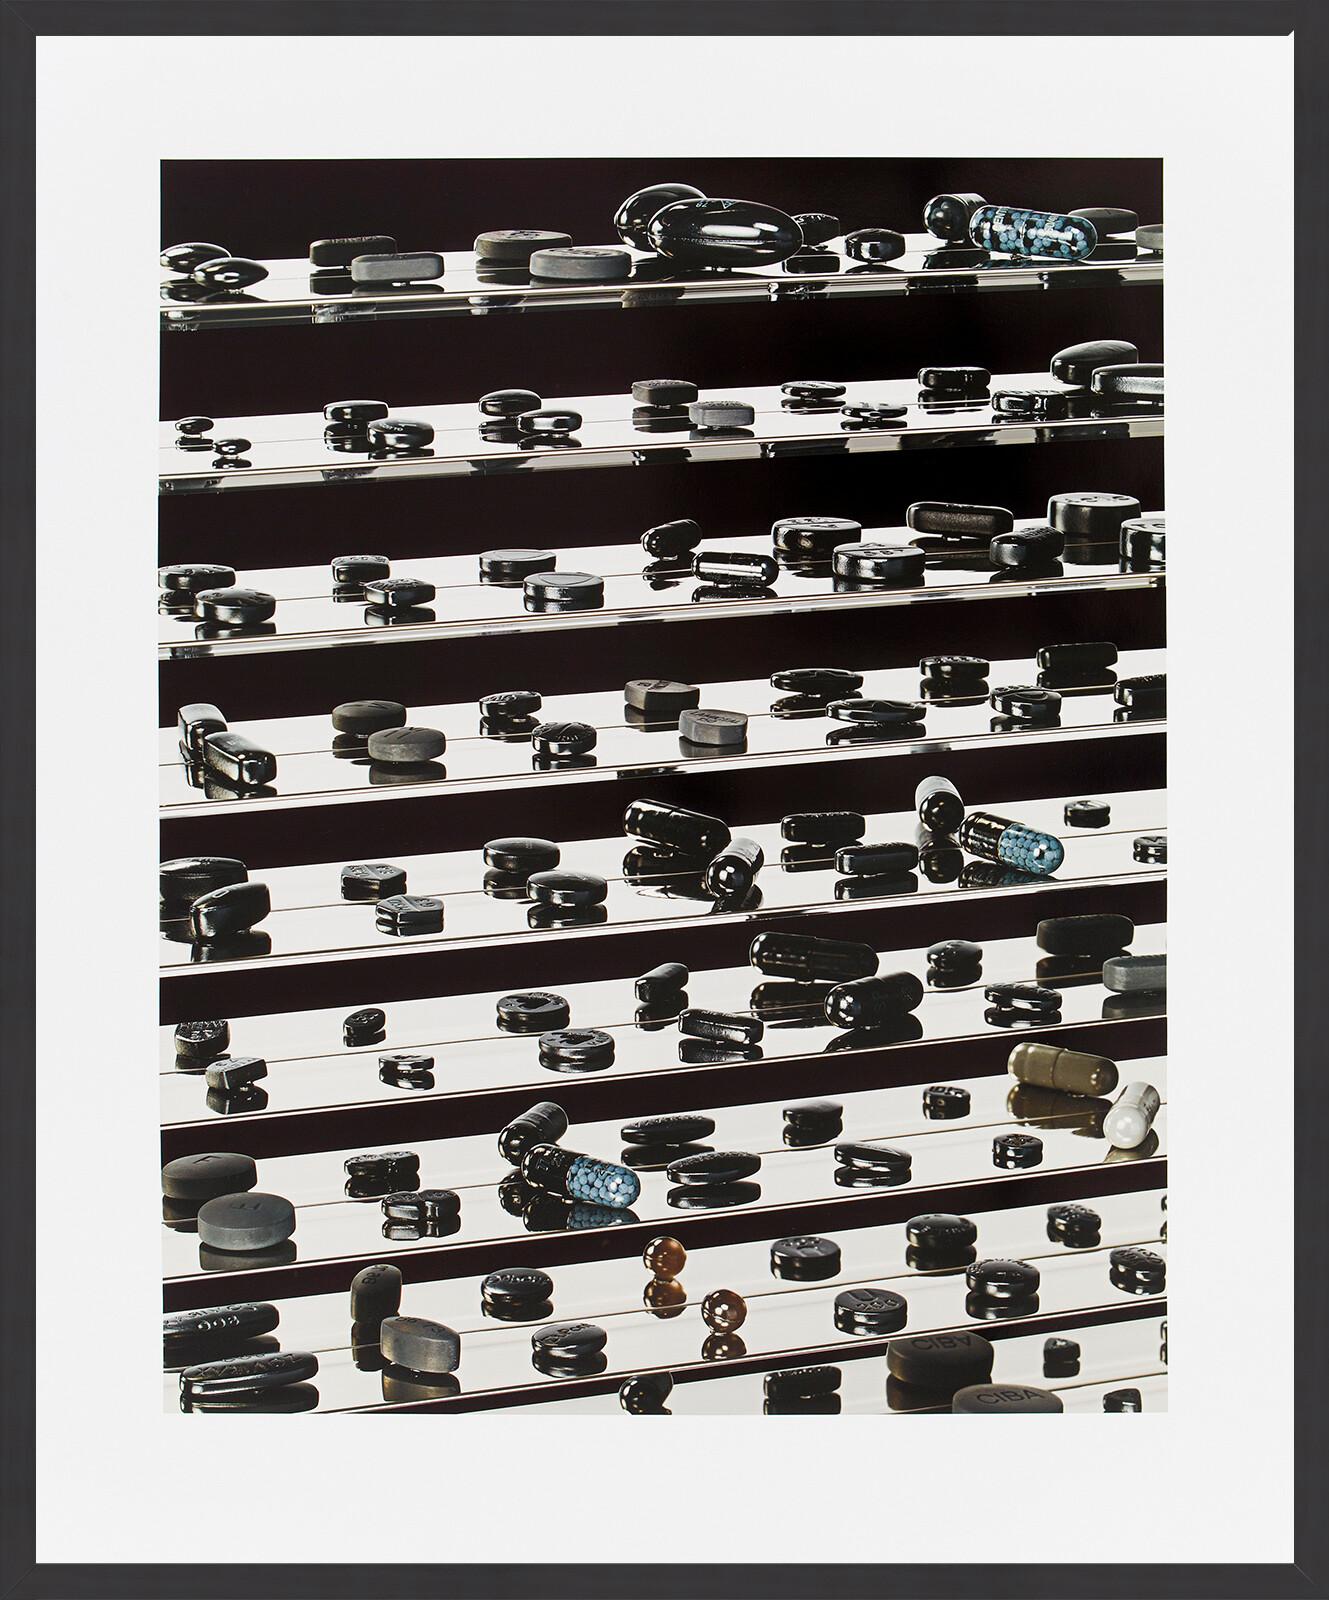 Dead Black Utopia - Damien Hirst